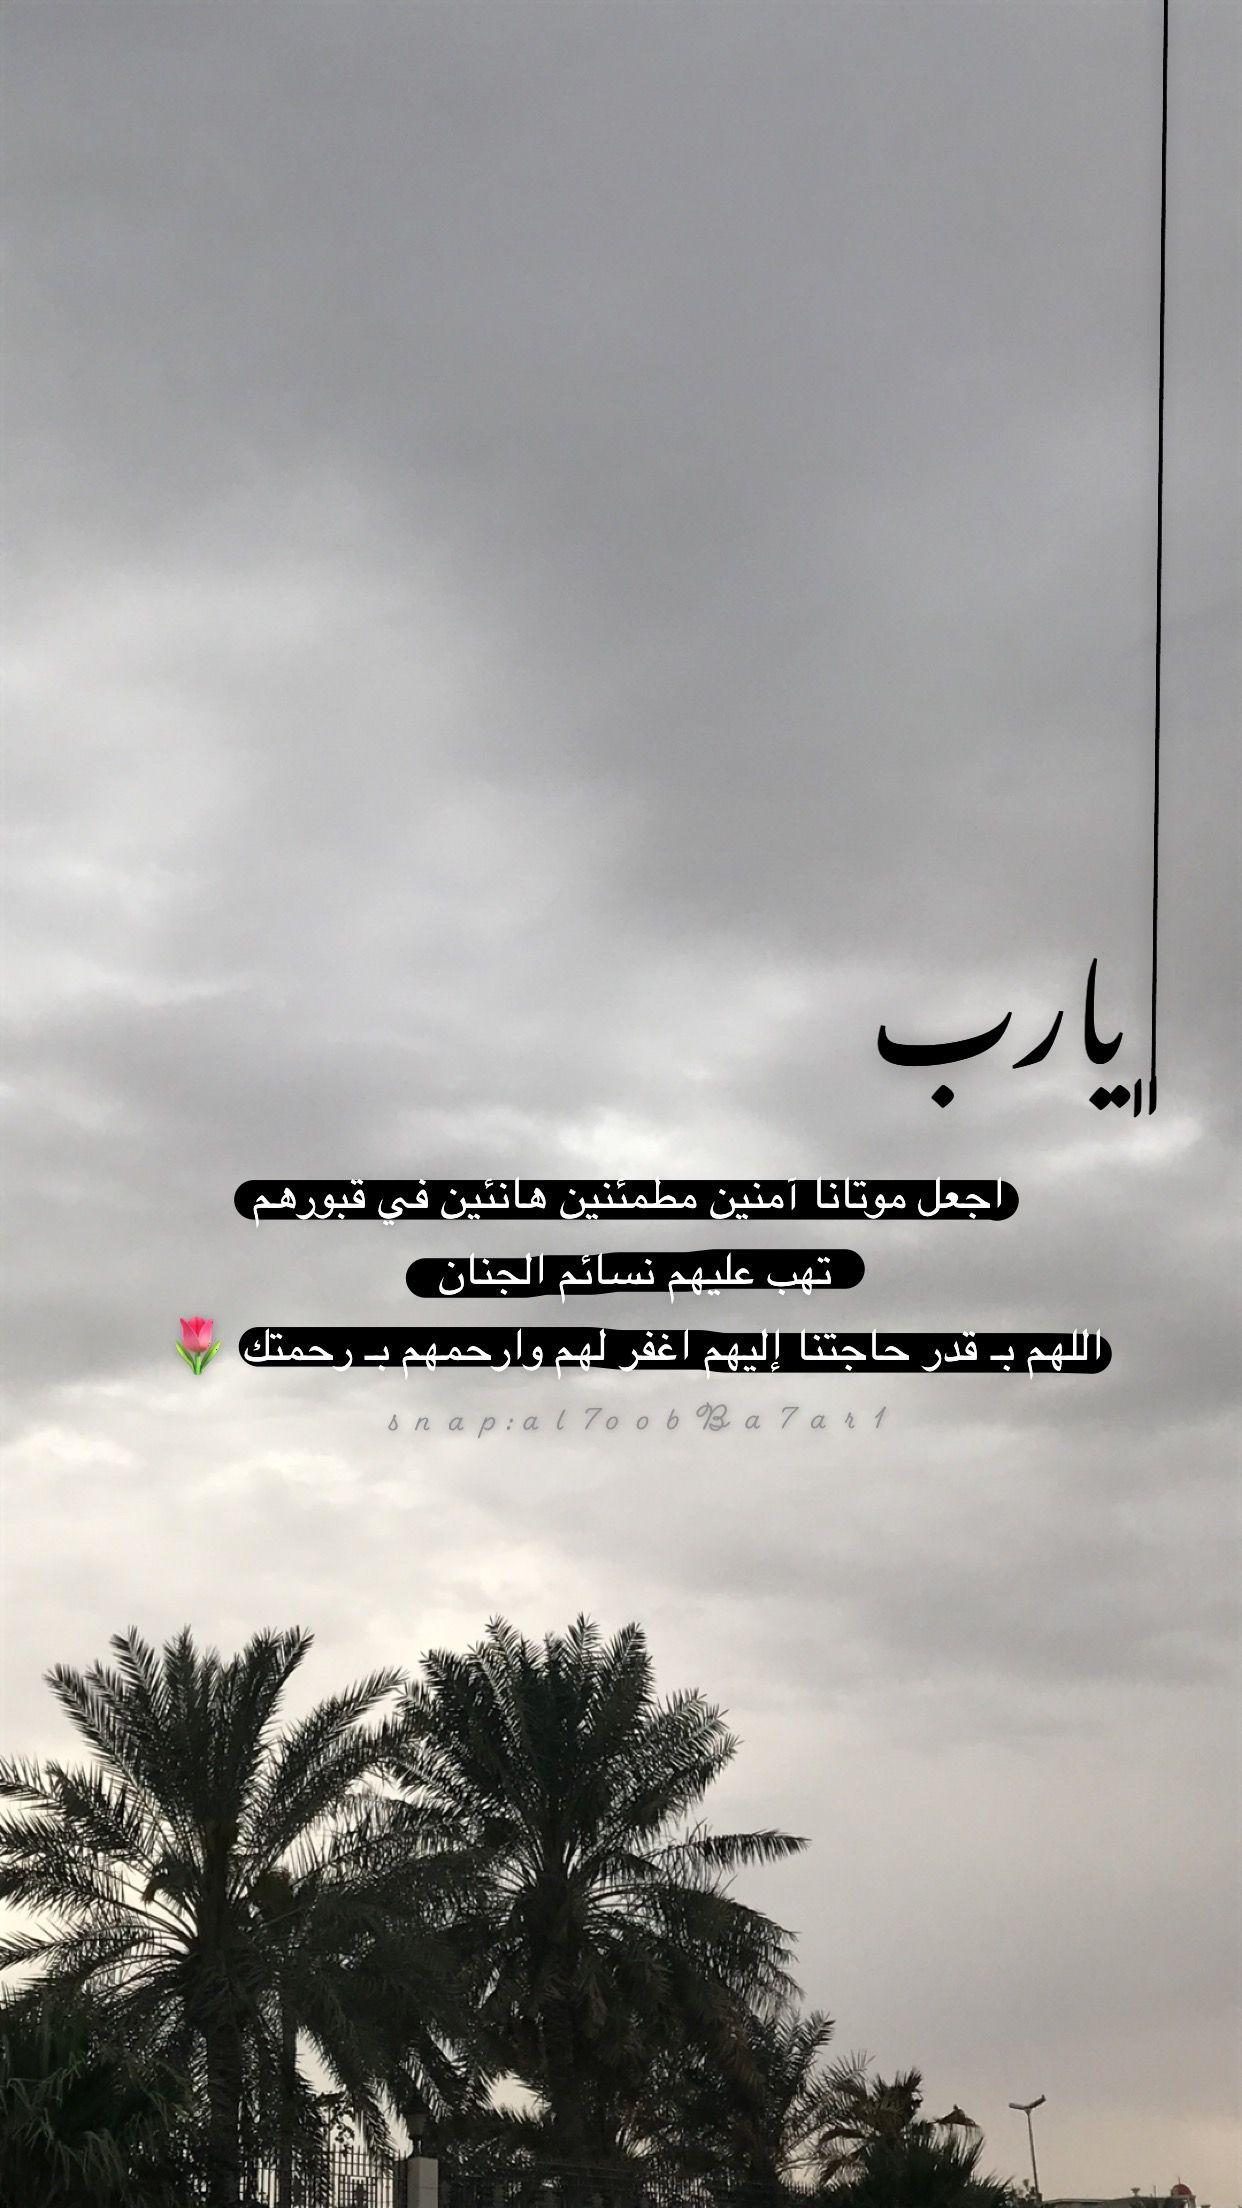 همسة يا رب اجعل موتانا آمنين مطمئنين هانئين في قبورهم تهب عليهم نسائم الجنان اللهم بـ قدر حاجتنا Love Quotes Wallpaper Cute Song Lyrics Islamic Pictures